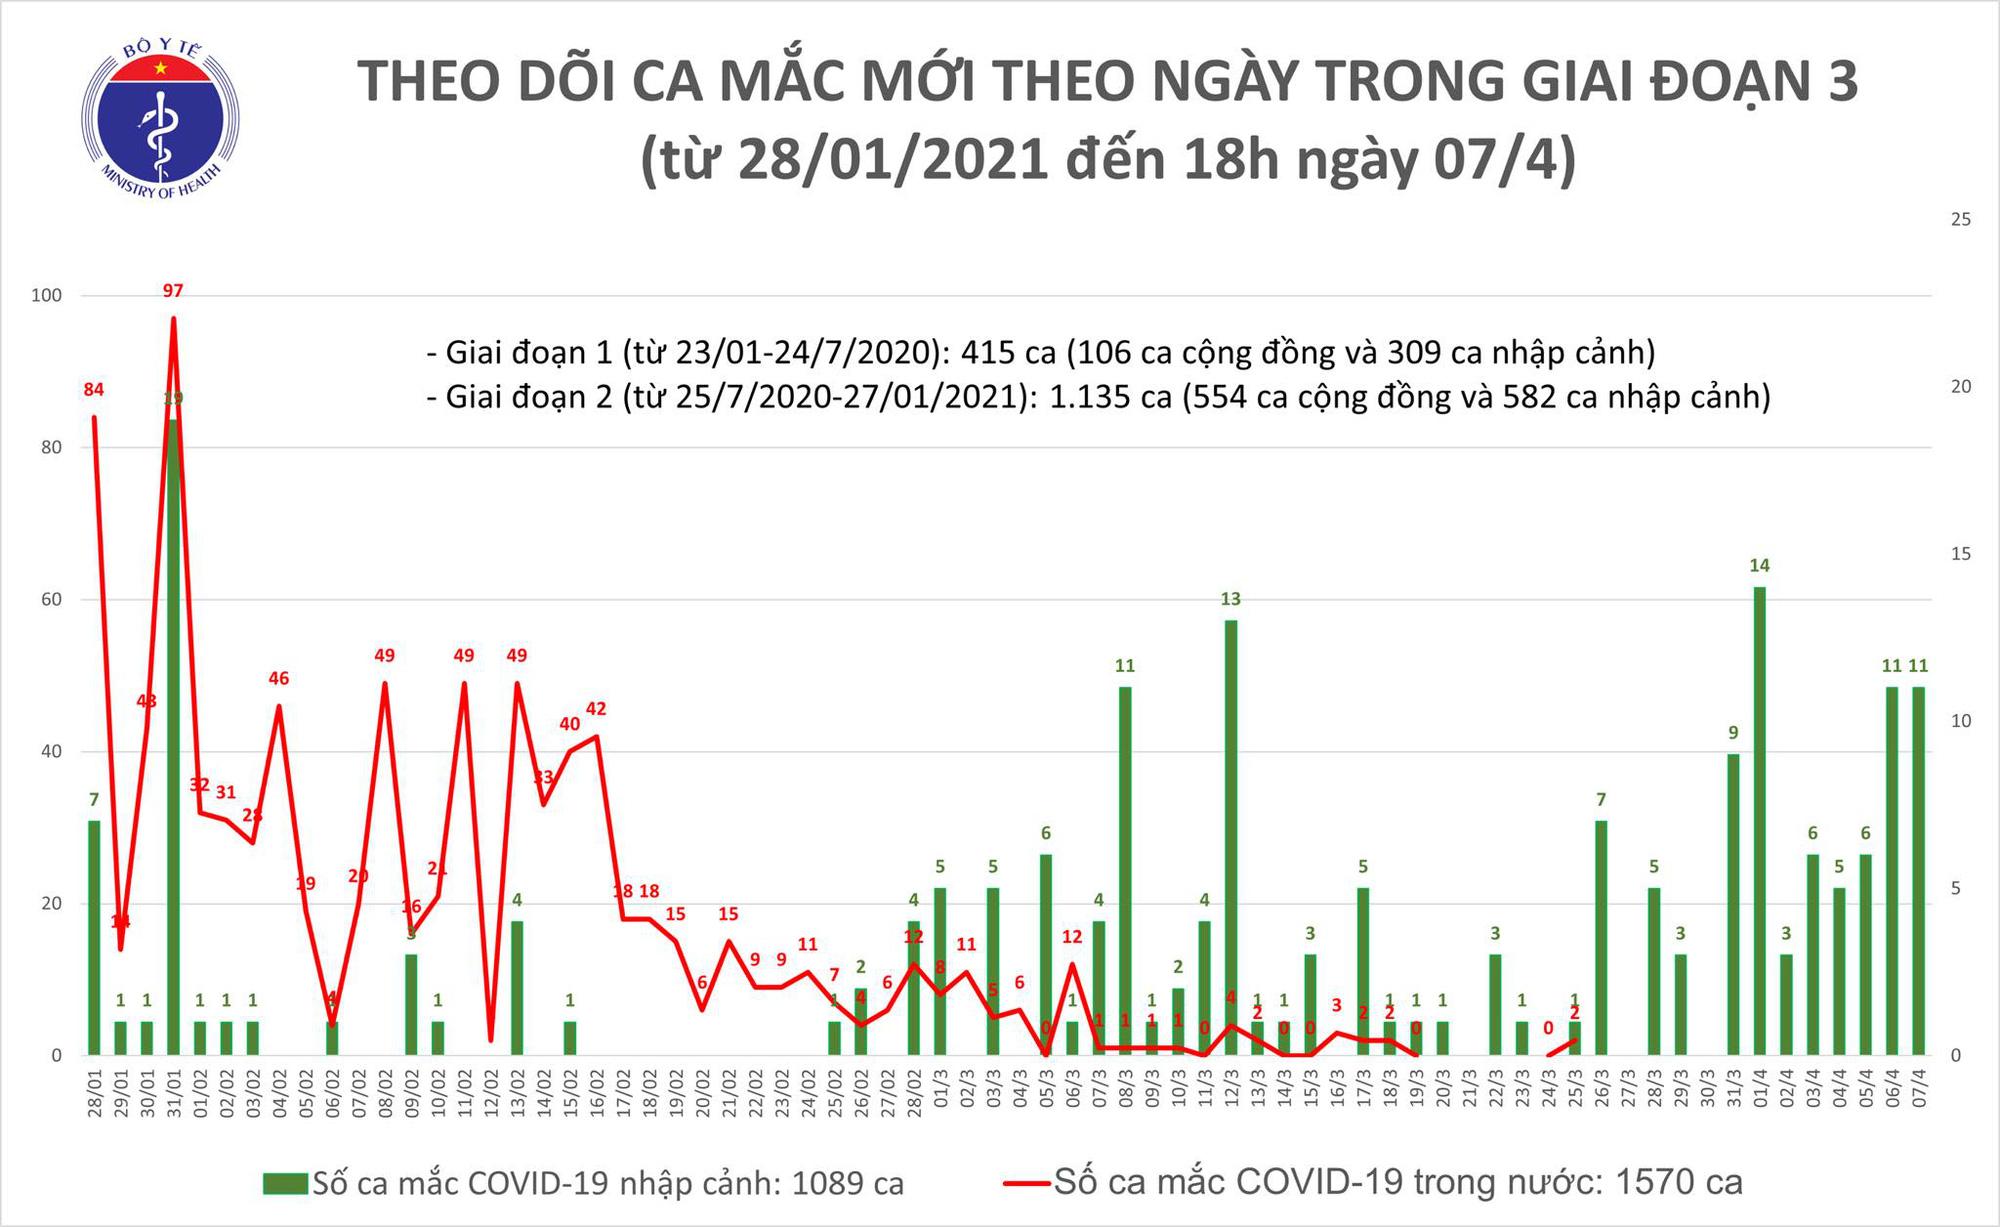 Chiều 7/4, Việt Nam có thêm 11 ca Covid-19 mới - Ảnh 1.